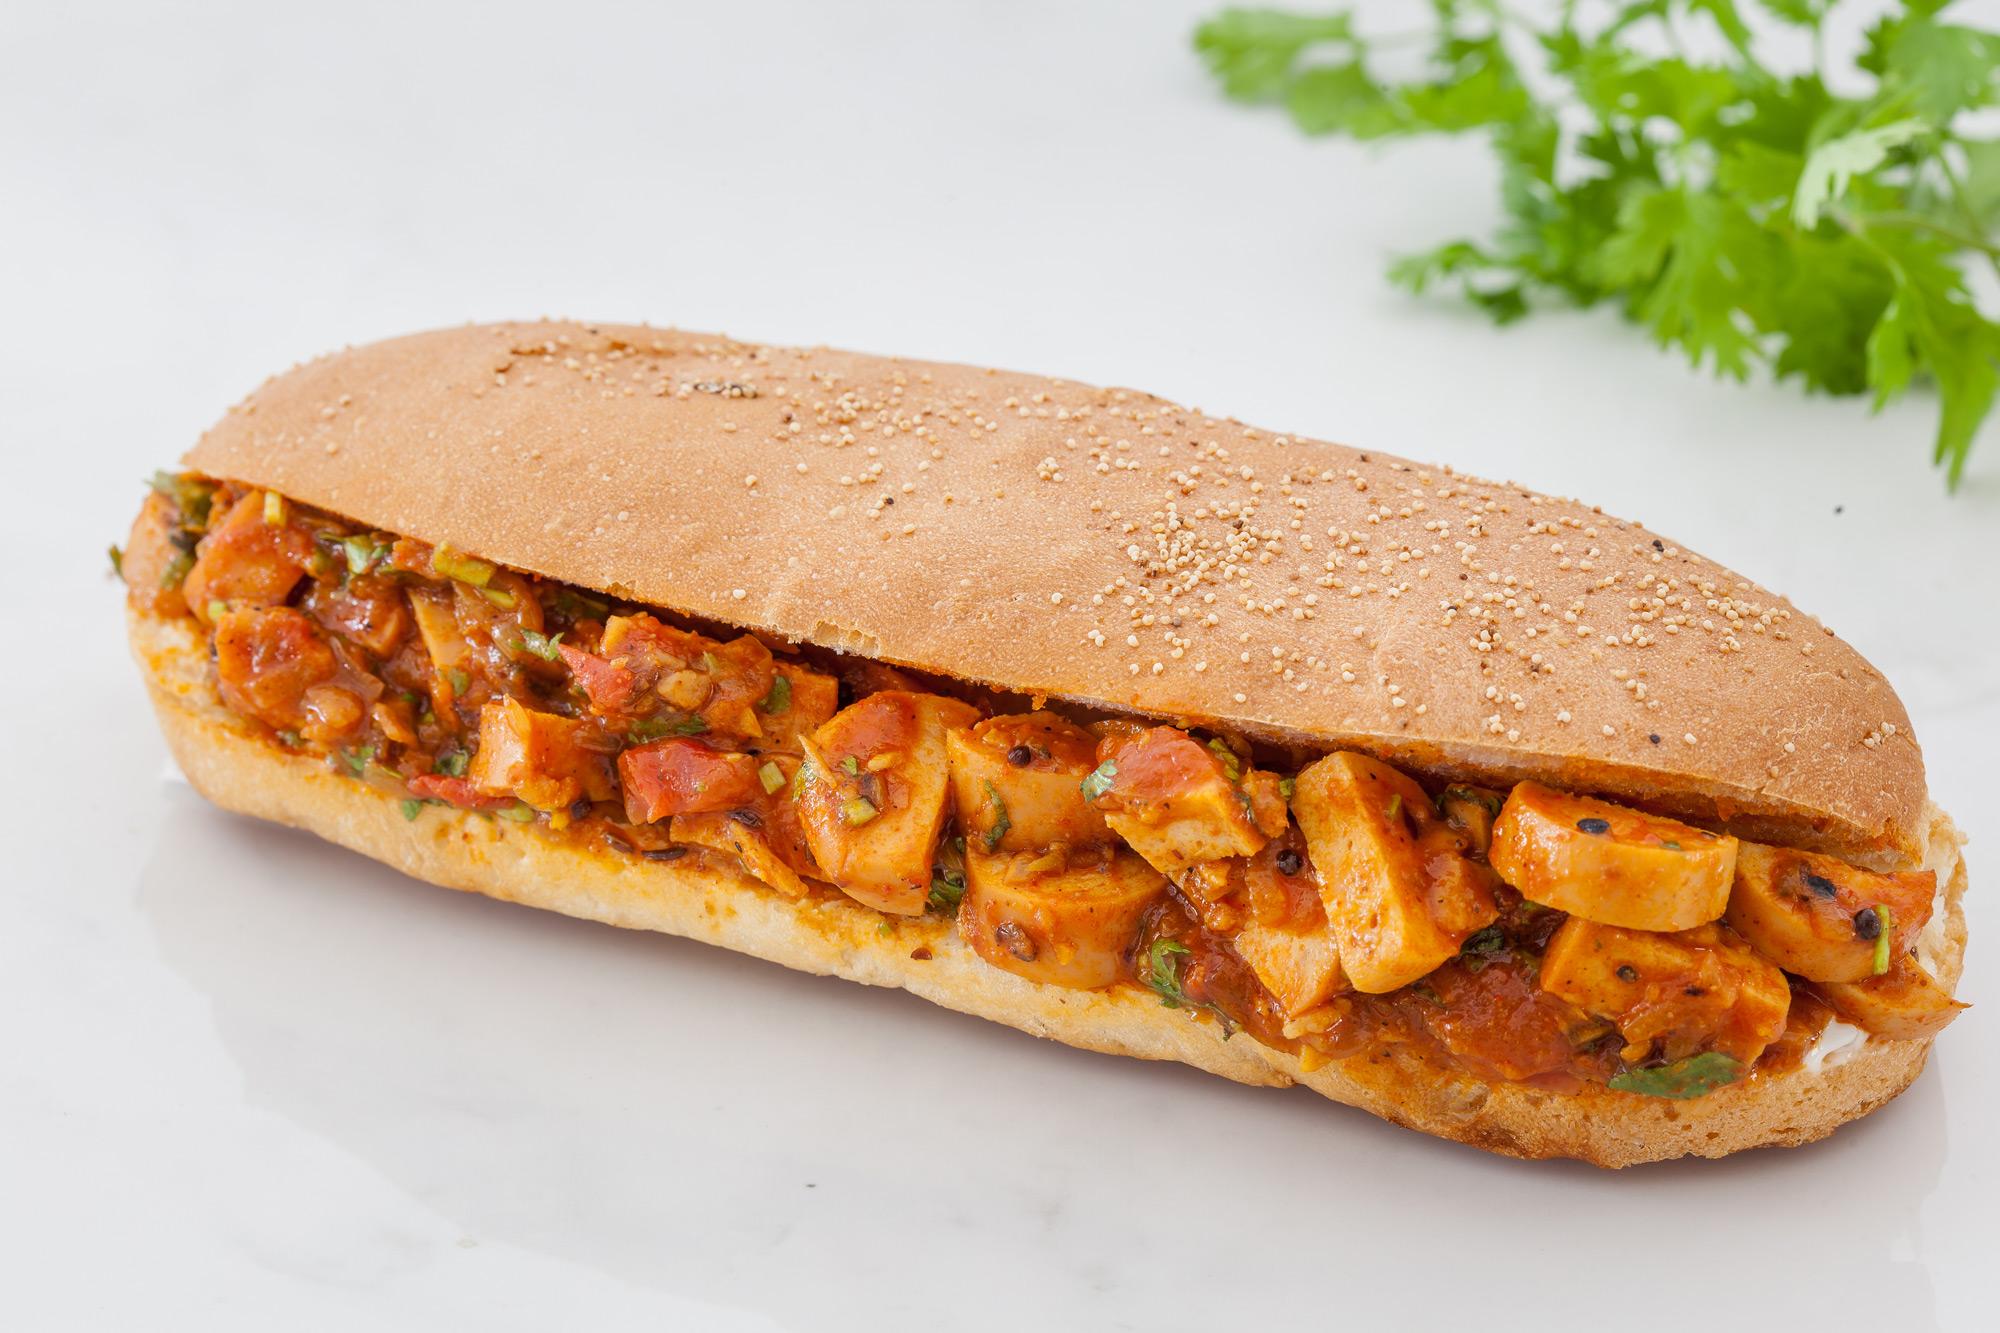 _18FM01264_Achari Chicken Sausage Hot Dog (Non Veg).jpg